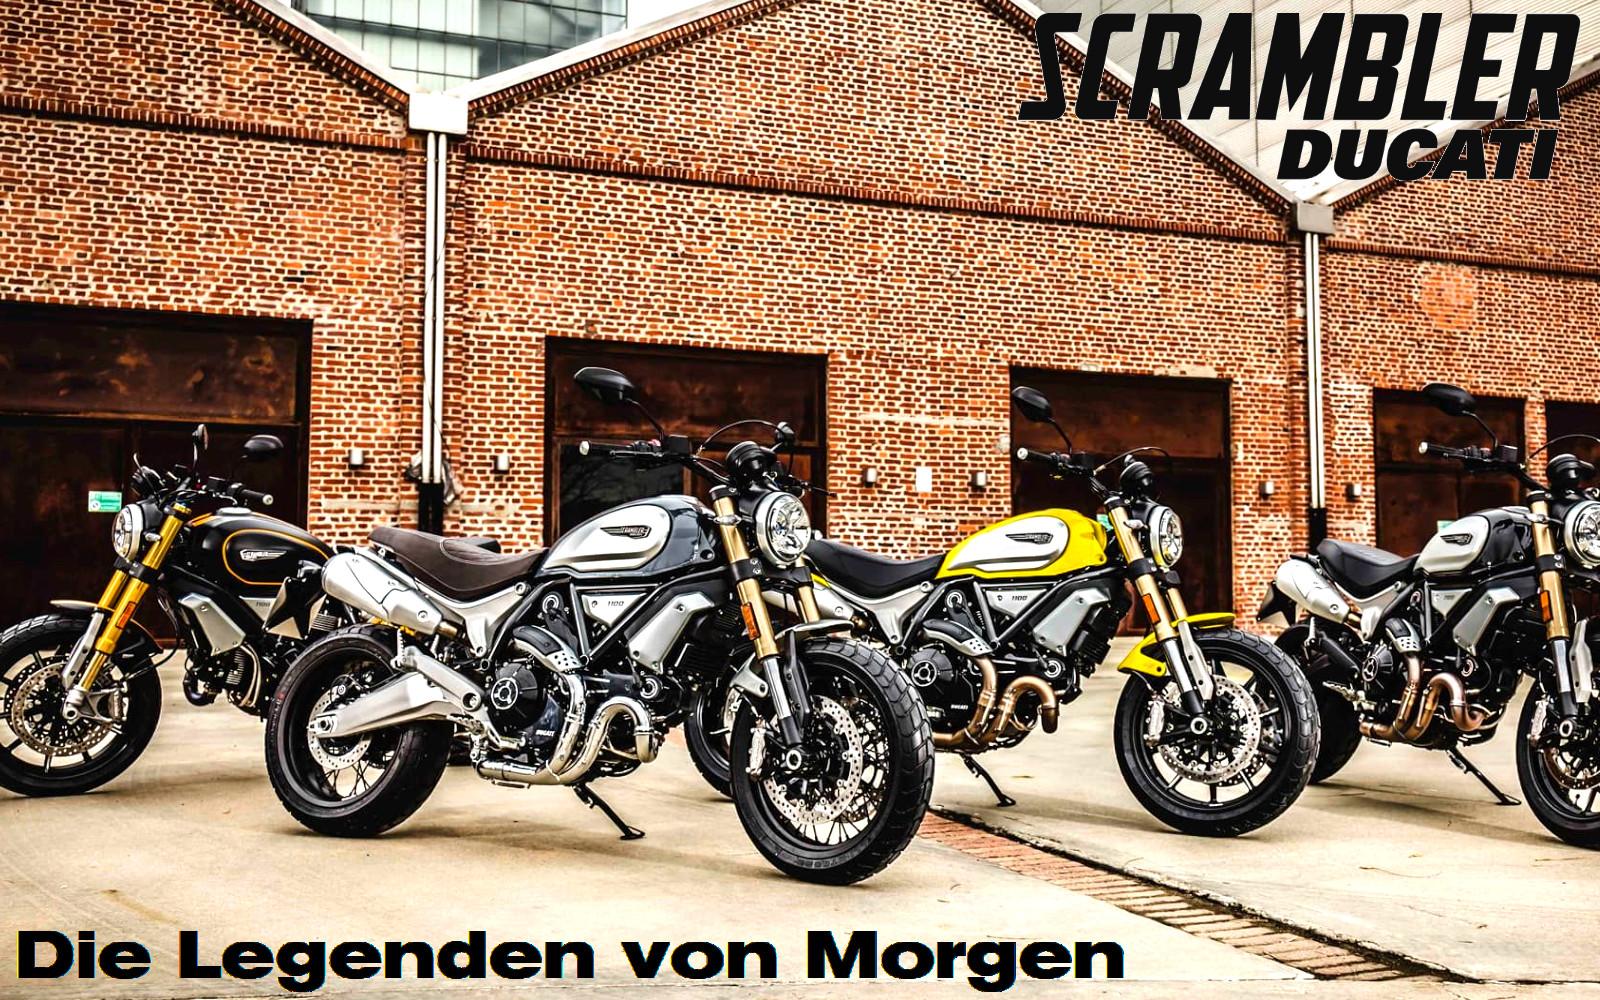 Ducati Scrambler ist das Kernstück des Motorradfahrens und einer Welt mit Freiheit, Spaß und Selbstdarstellung.